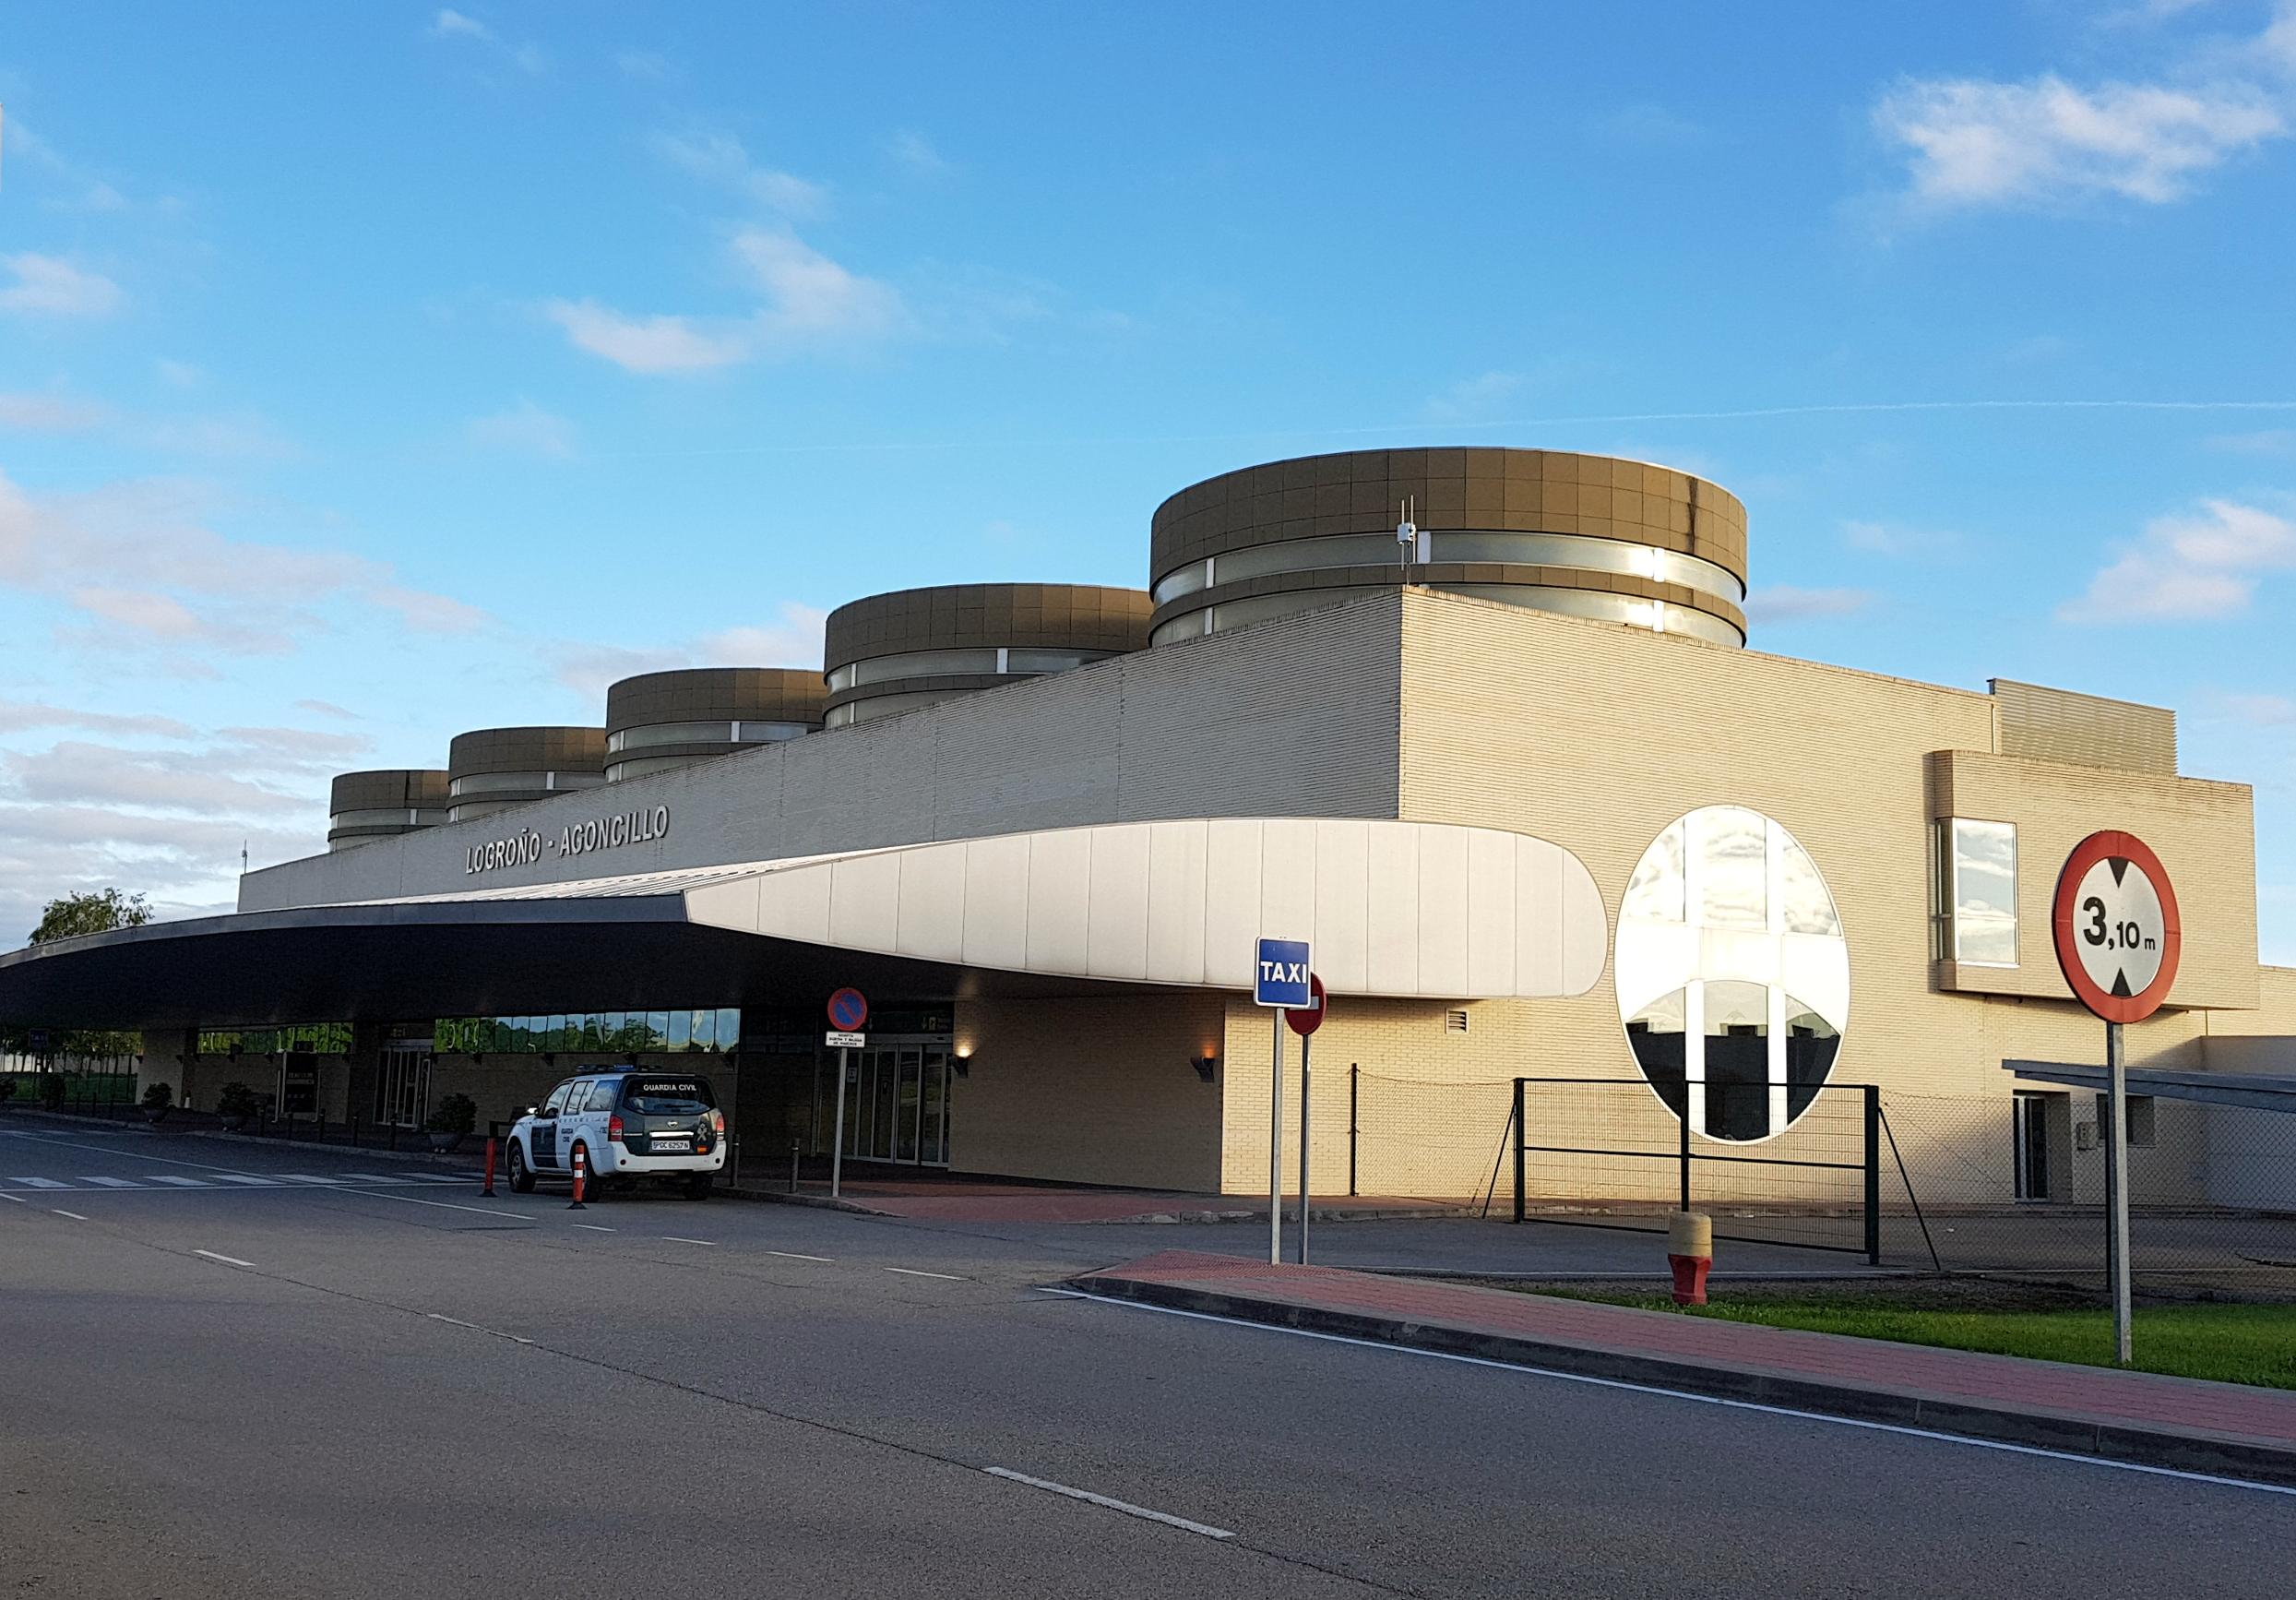 Aeropuerto de Logroño-Agoncillo - Wikipedia, la enciclopedia libre